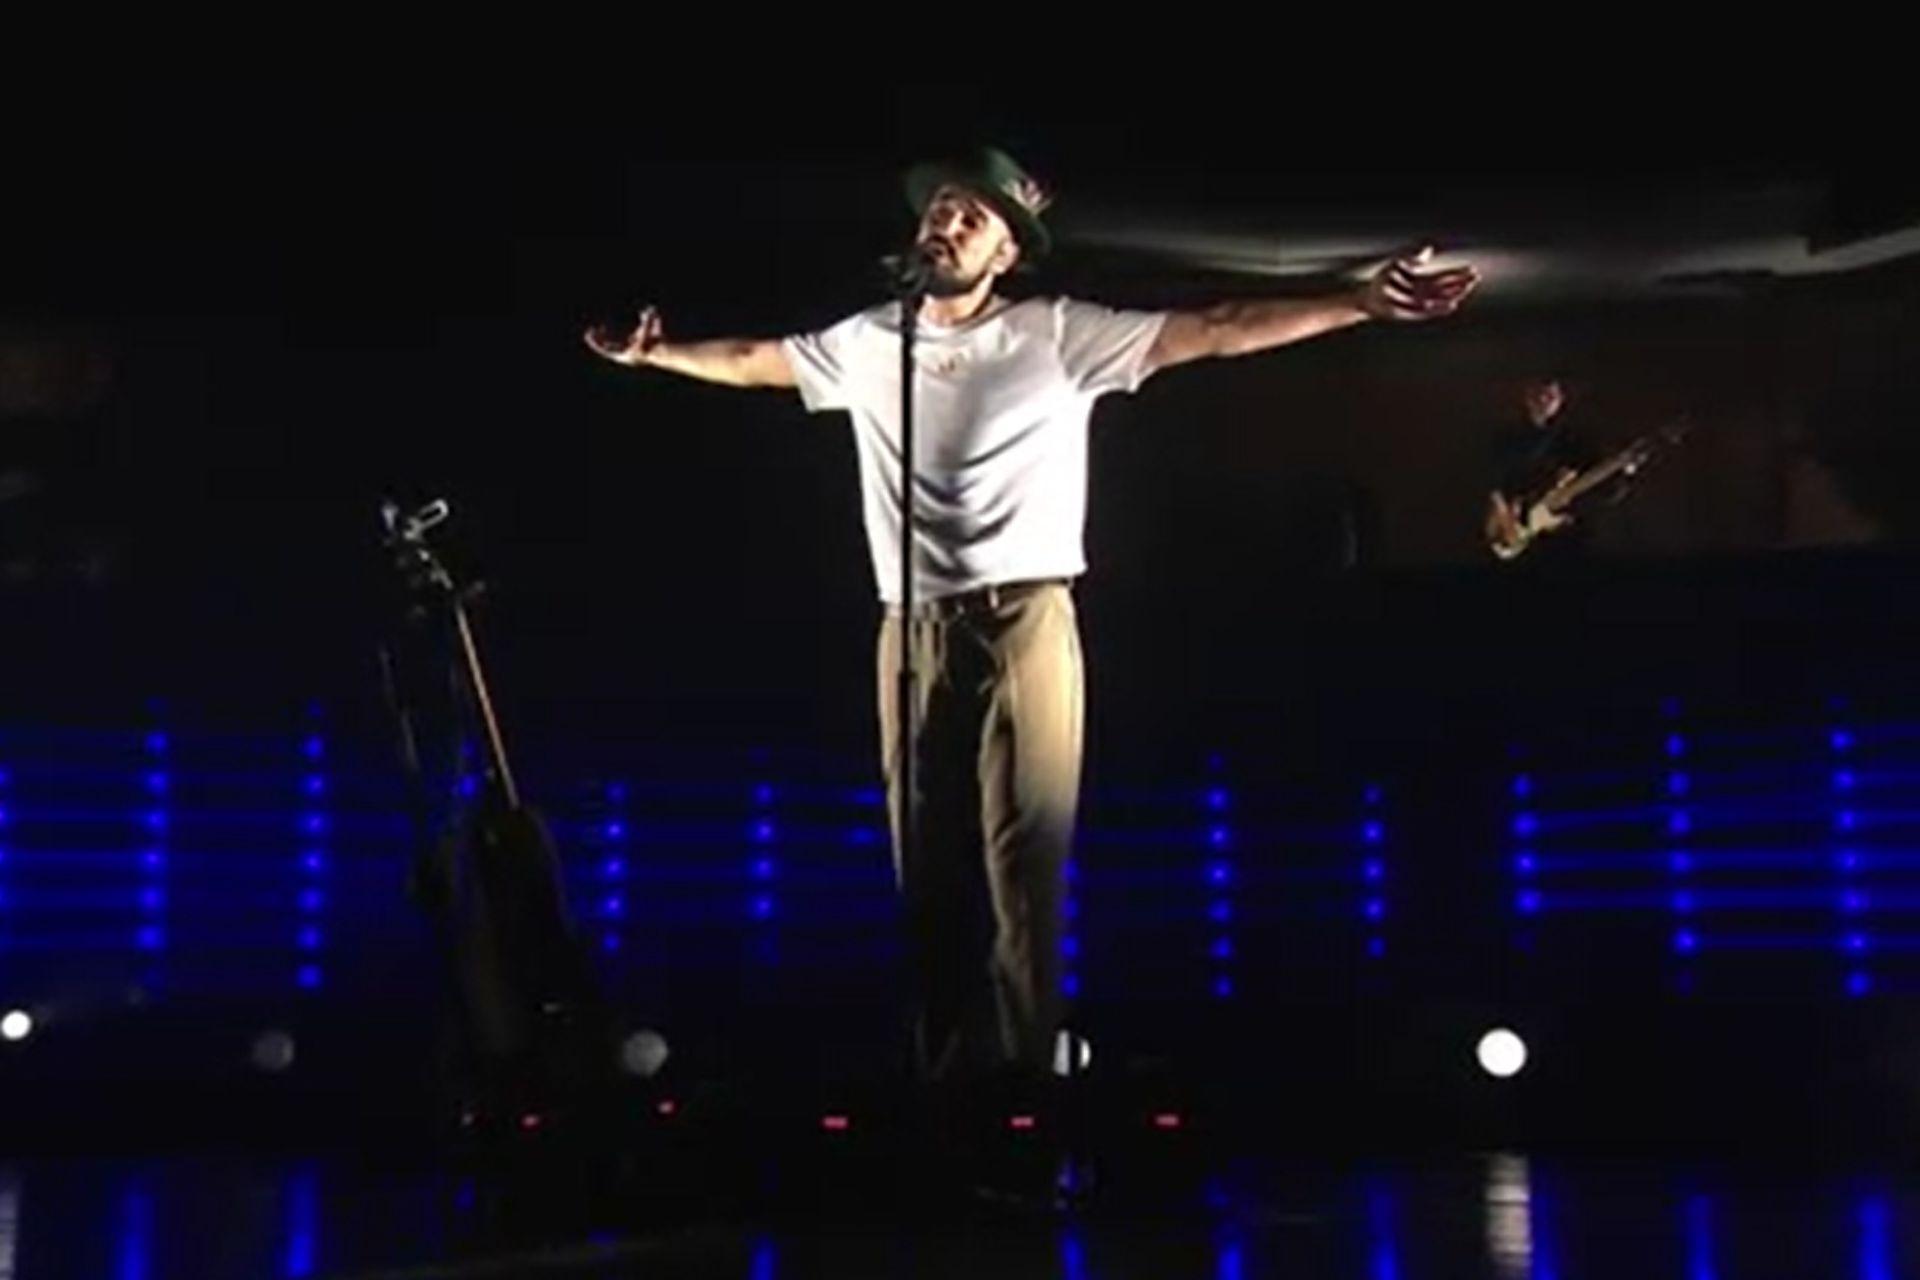 En sus conciertos, Abel Pintos despliega la actitud de una estrella en el marco de una puesta en escena muy cuidada y de alto impacto